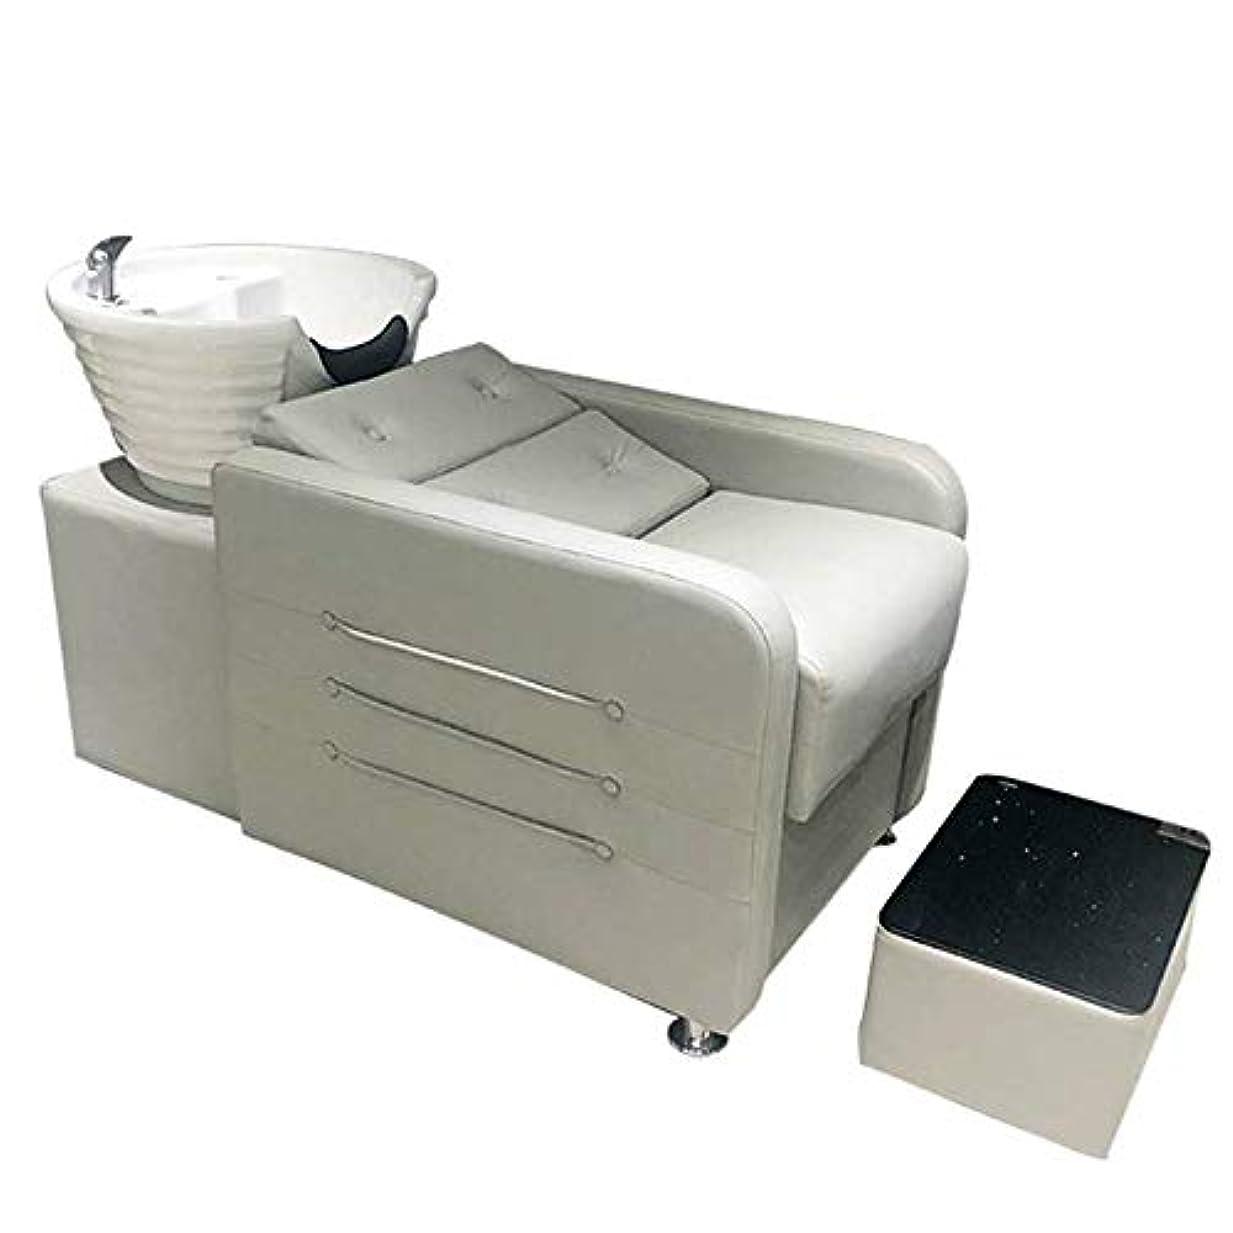 オーロックタフ税金シャンプーチェア、 逆洗ユニットシャンプーボウル理髪シンク椅子用スパビューティーサロンフラッシュベッド(グレー)